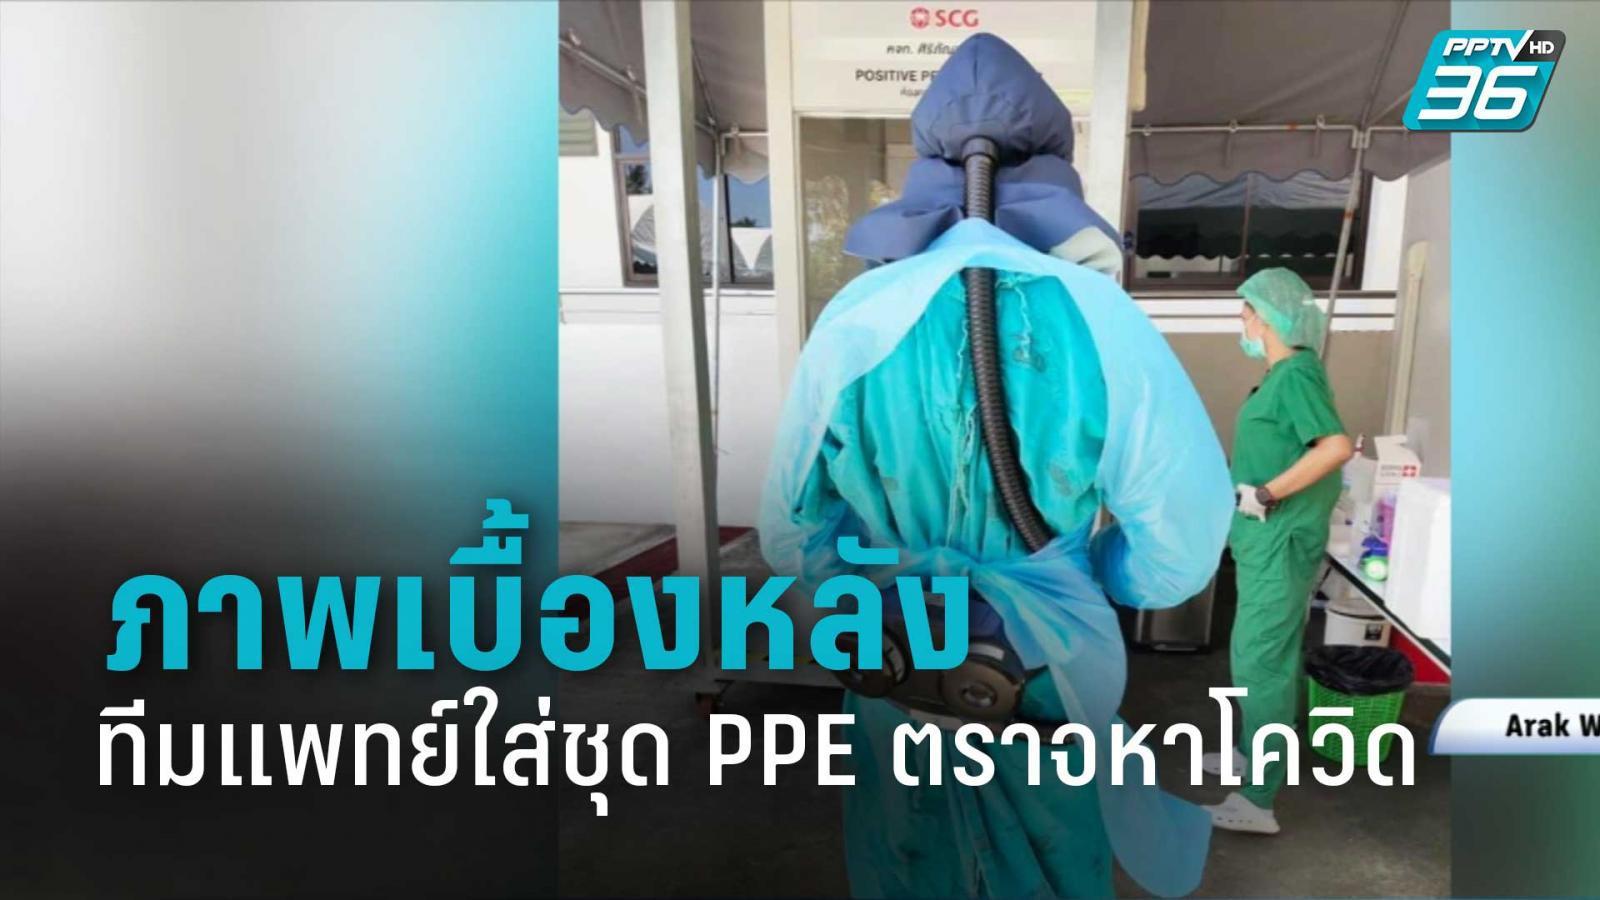 หมอเปิดภาพเบื้องหลัง ทีมแพทย์ตราจหาโควิด ใส่ชุด PPE เป็นลมกันเกือบทุกวัน